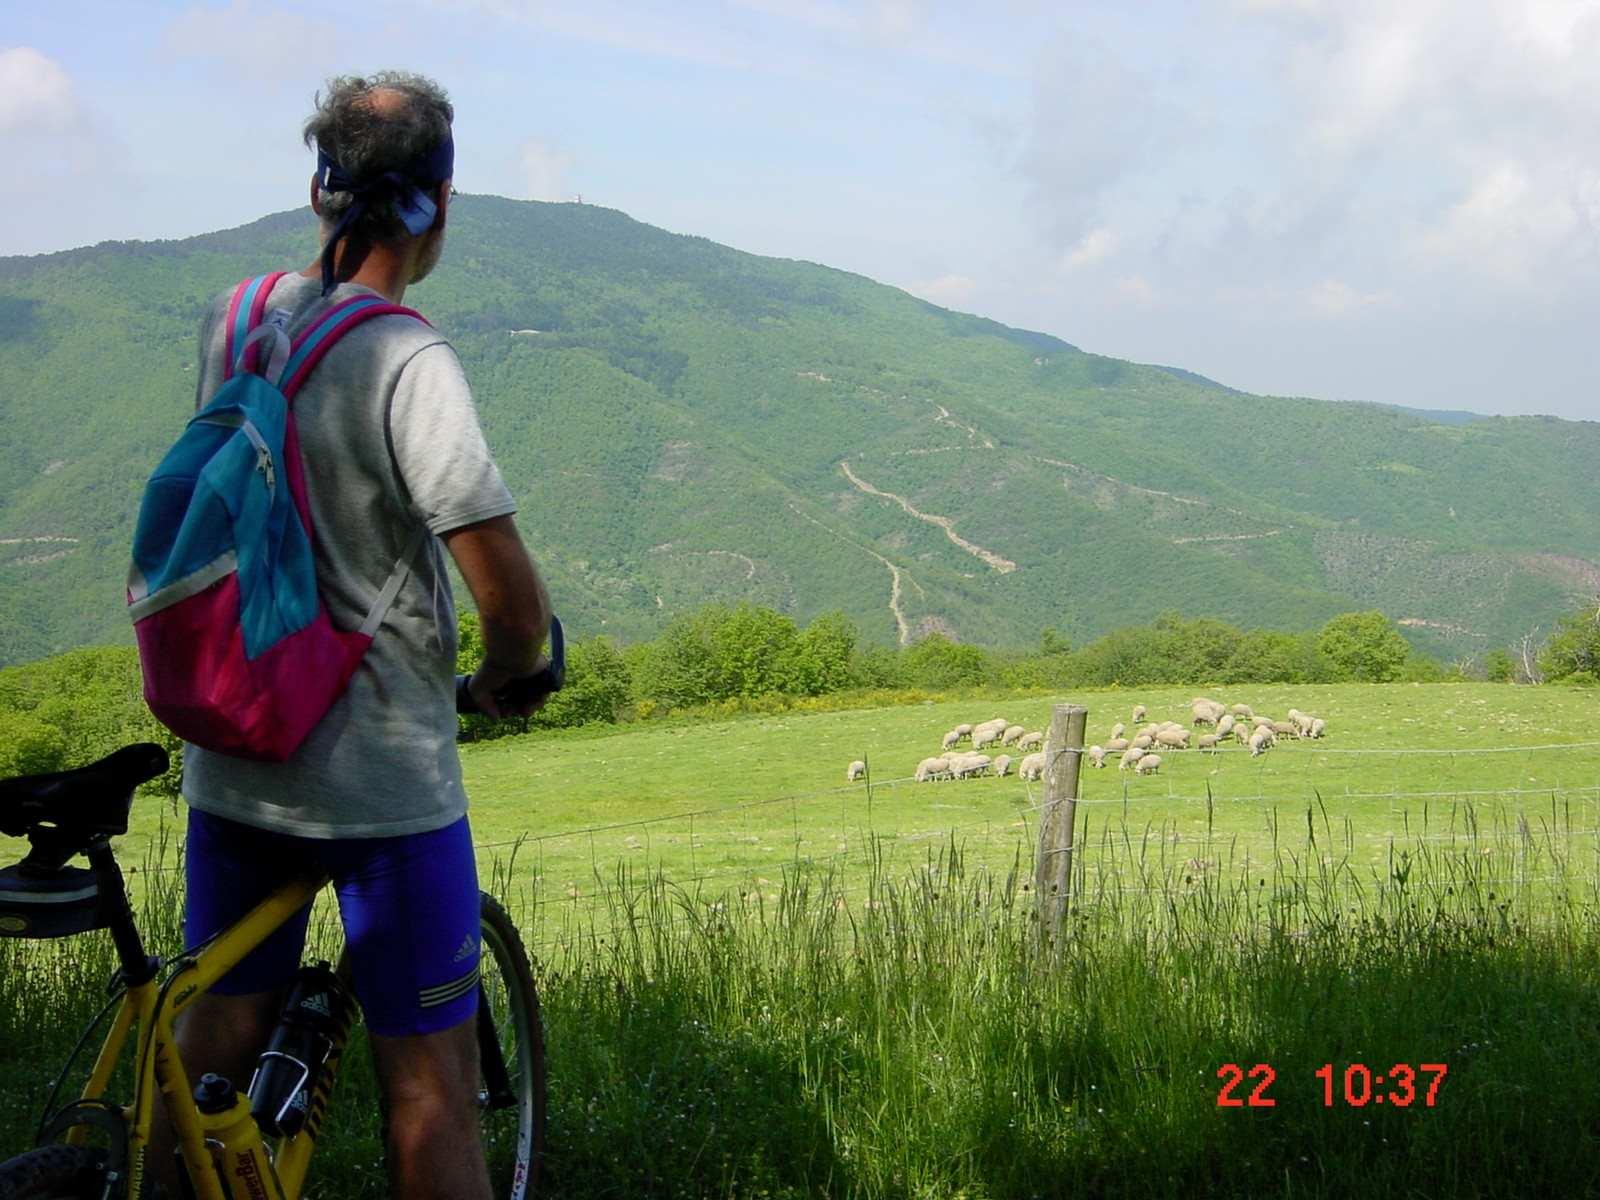 Foto: Manfred Karl / Mountainbike Tour / Monte Castel Giudeo, 1037 m / Alta San Egidio / 20.06.2007 06:27:59